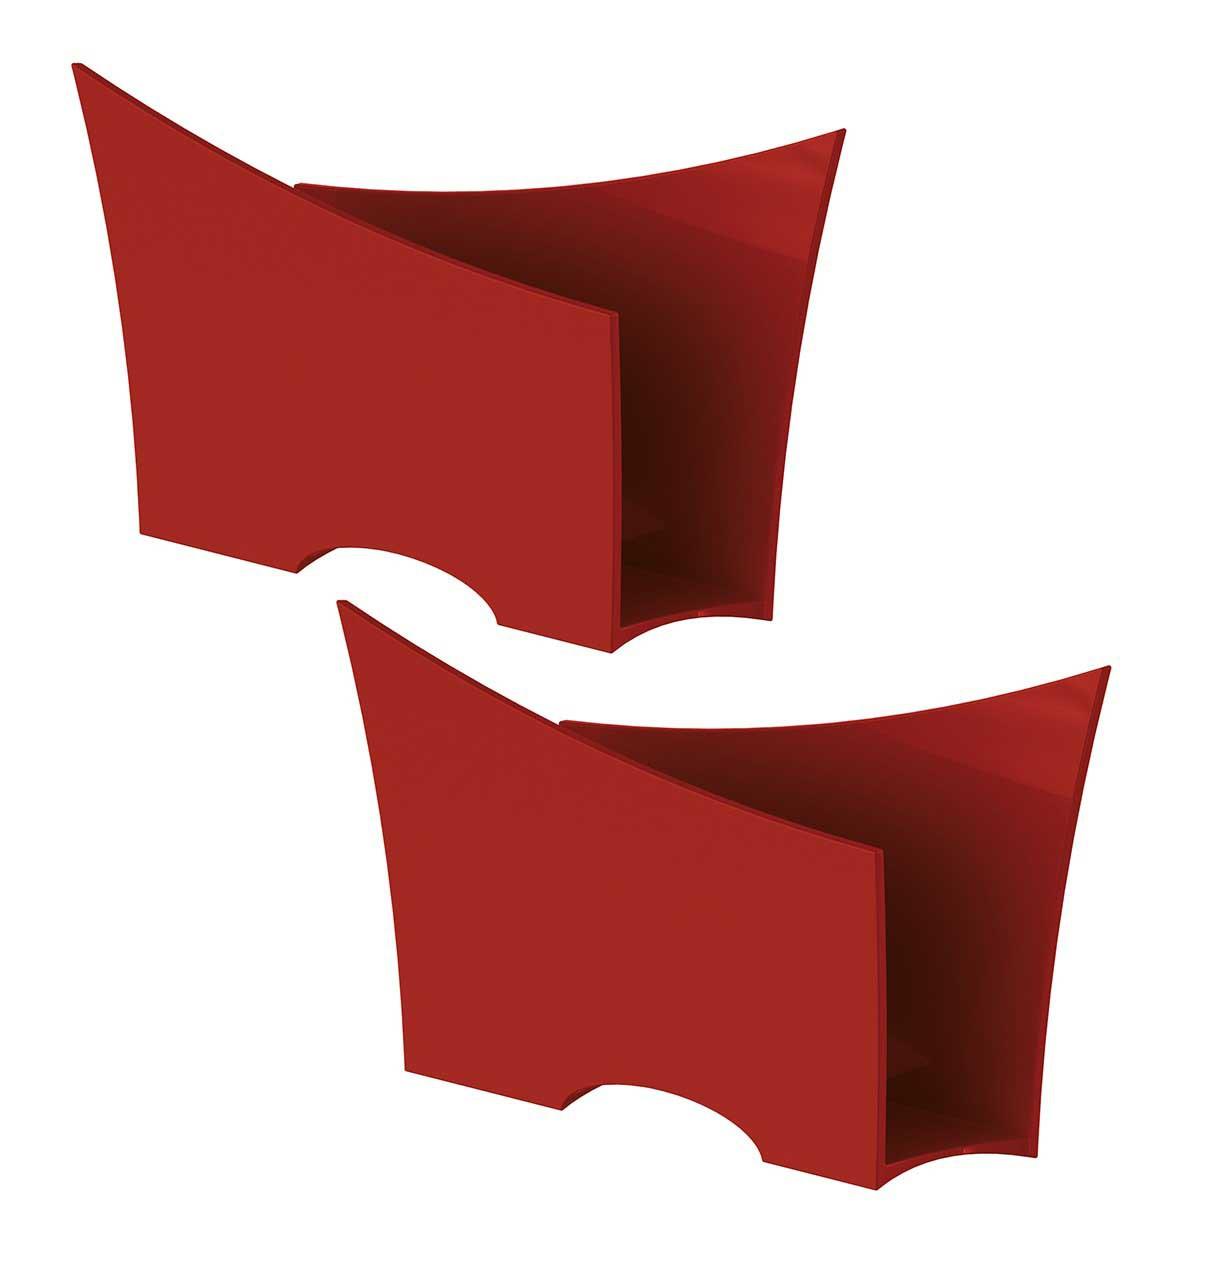 Kit 2 Porta Guardanapo Quadrado Plástico UZ Vermelho